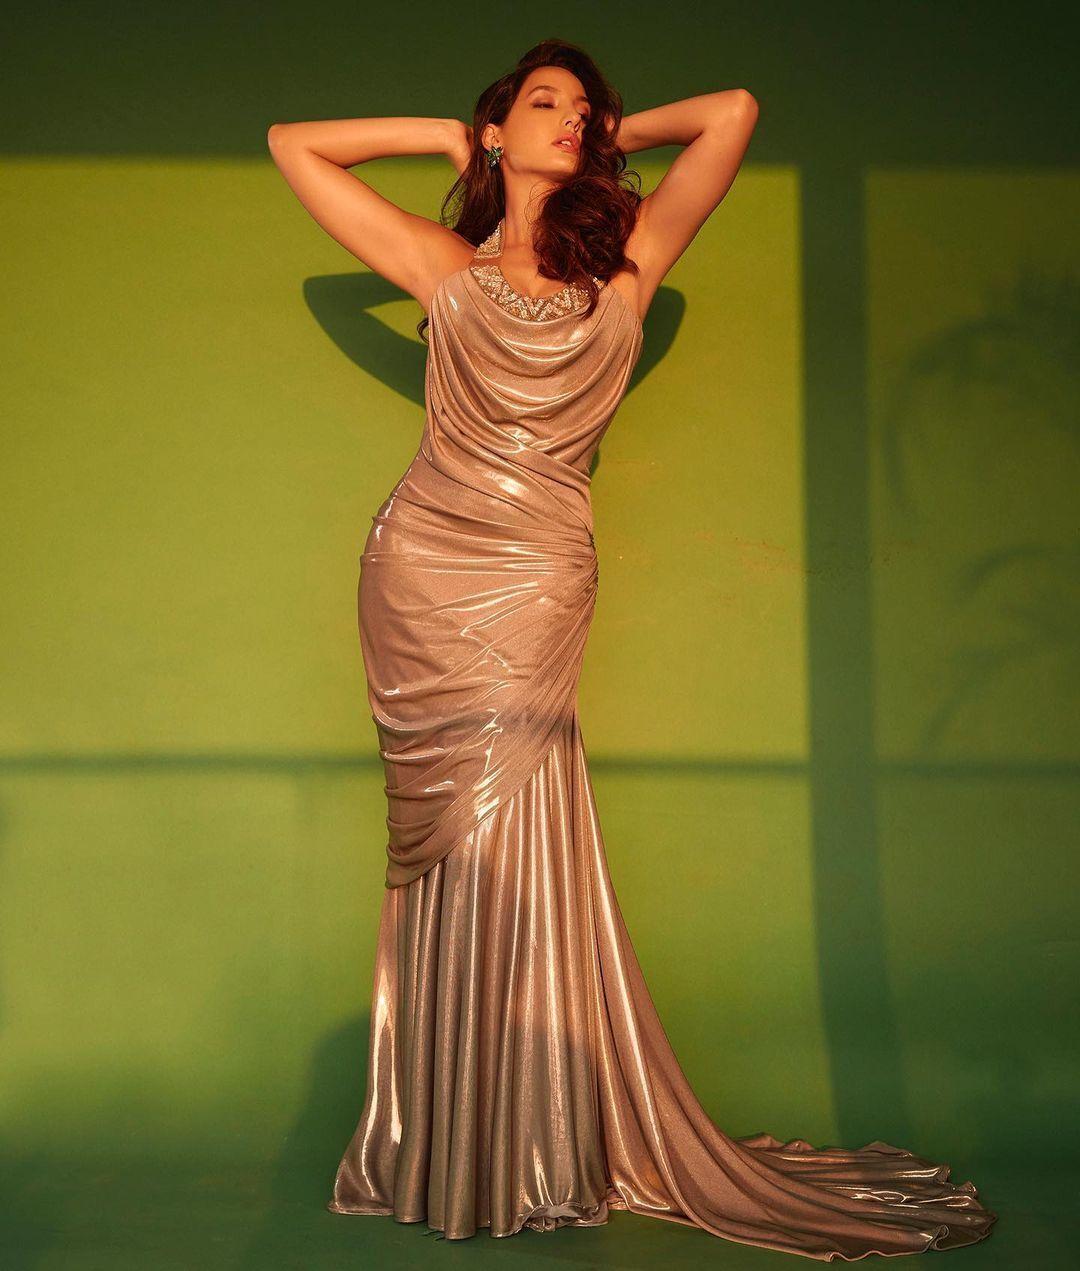 शॉर्ट ड्रेस में एक बार फिर नोरा फतेही ने ढाया कहर, Photos से नजर नहीं हटा पा रहे फैंस